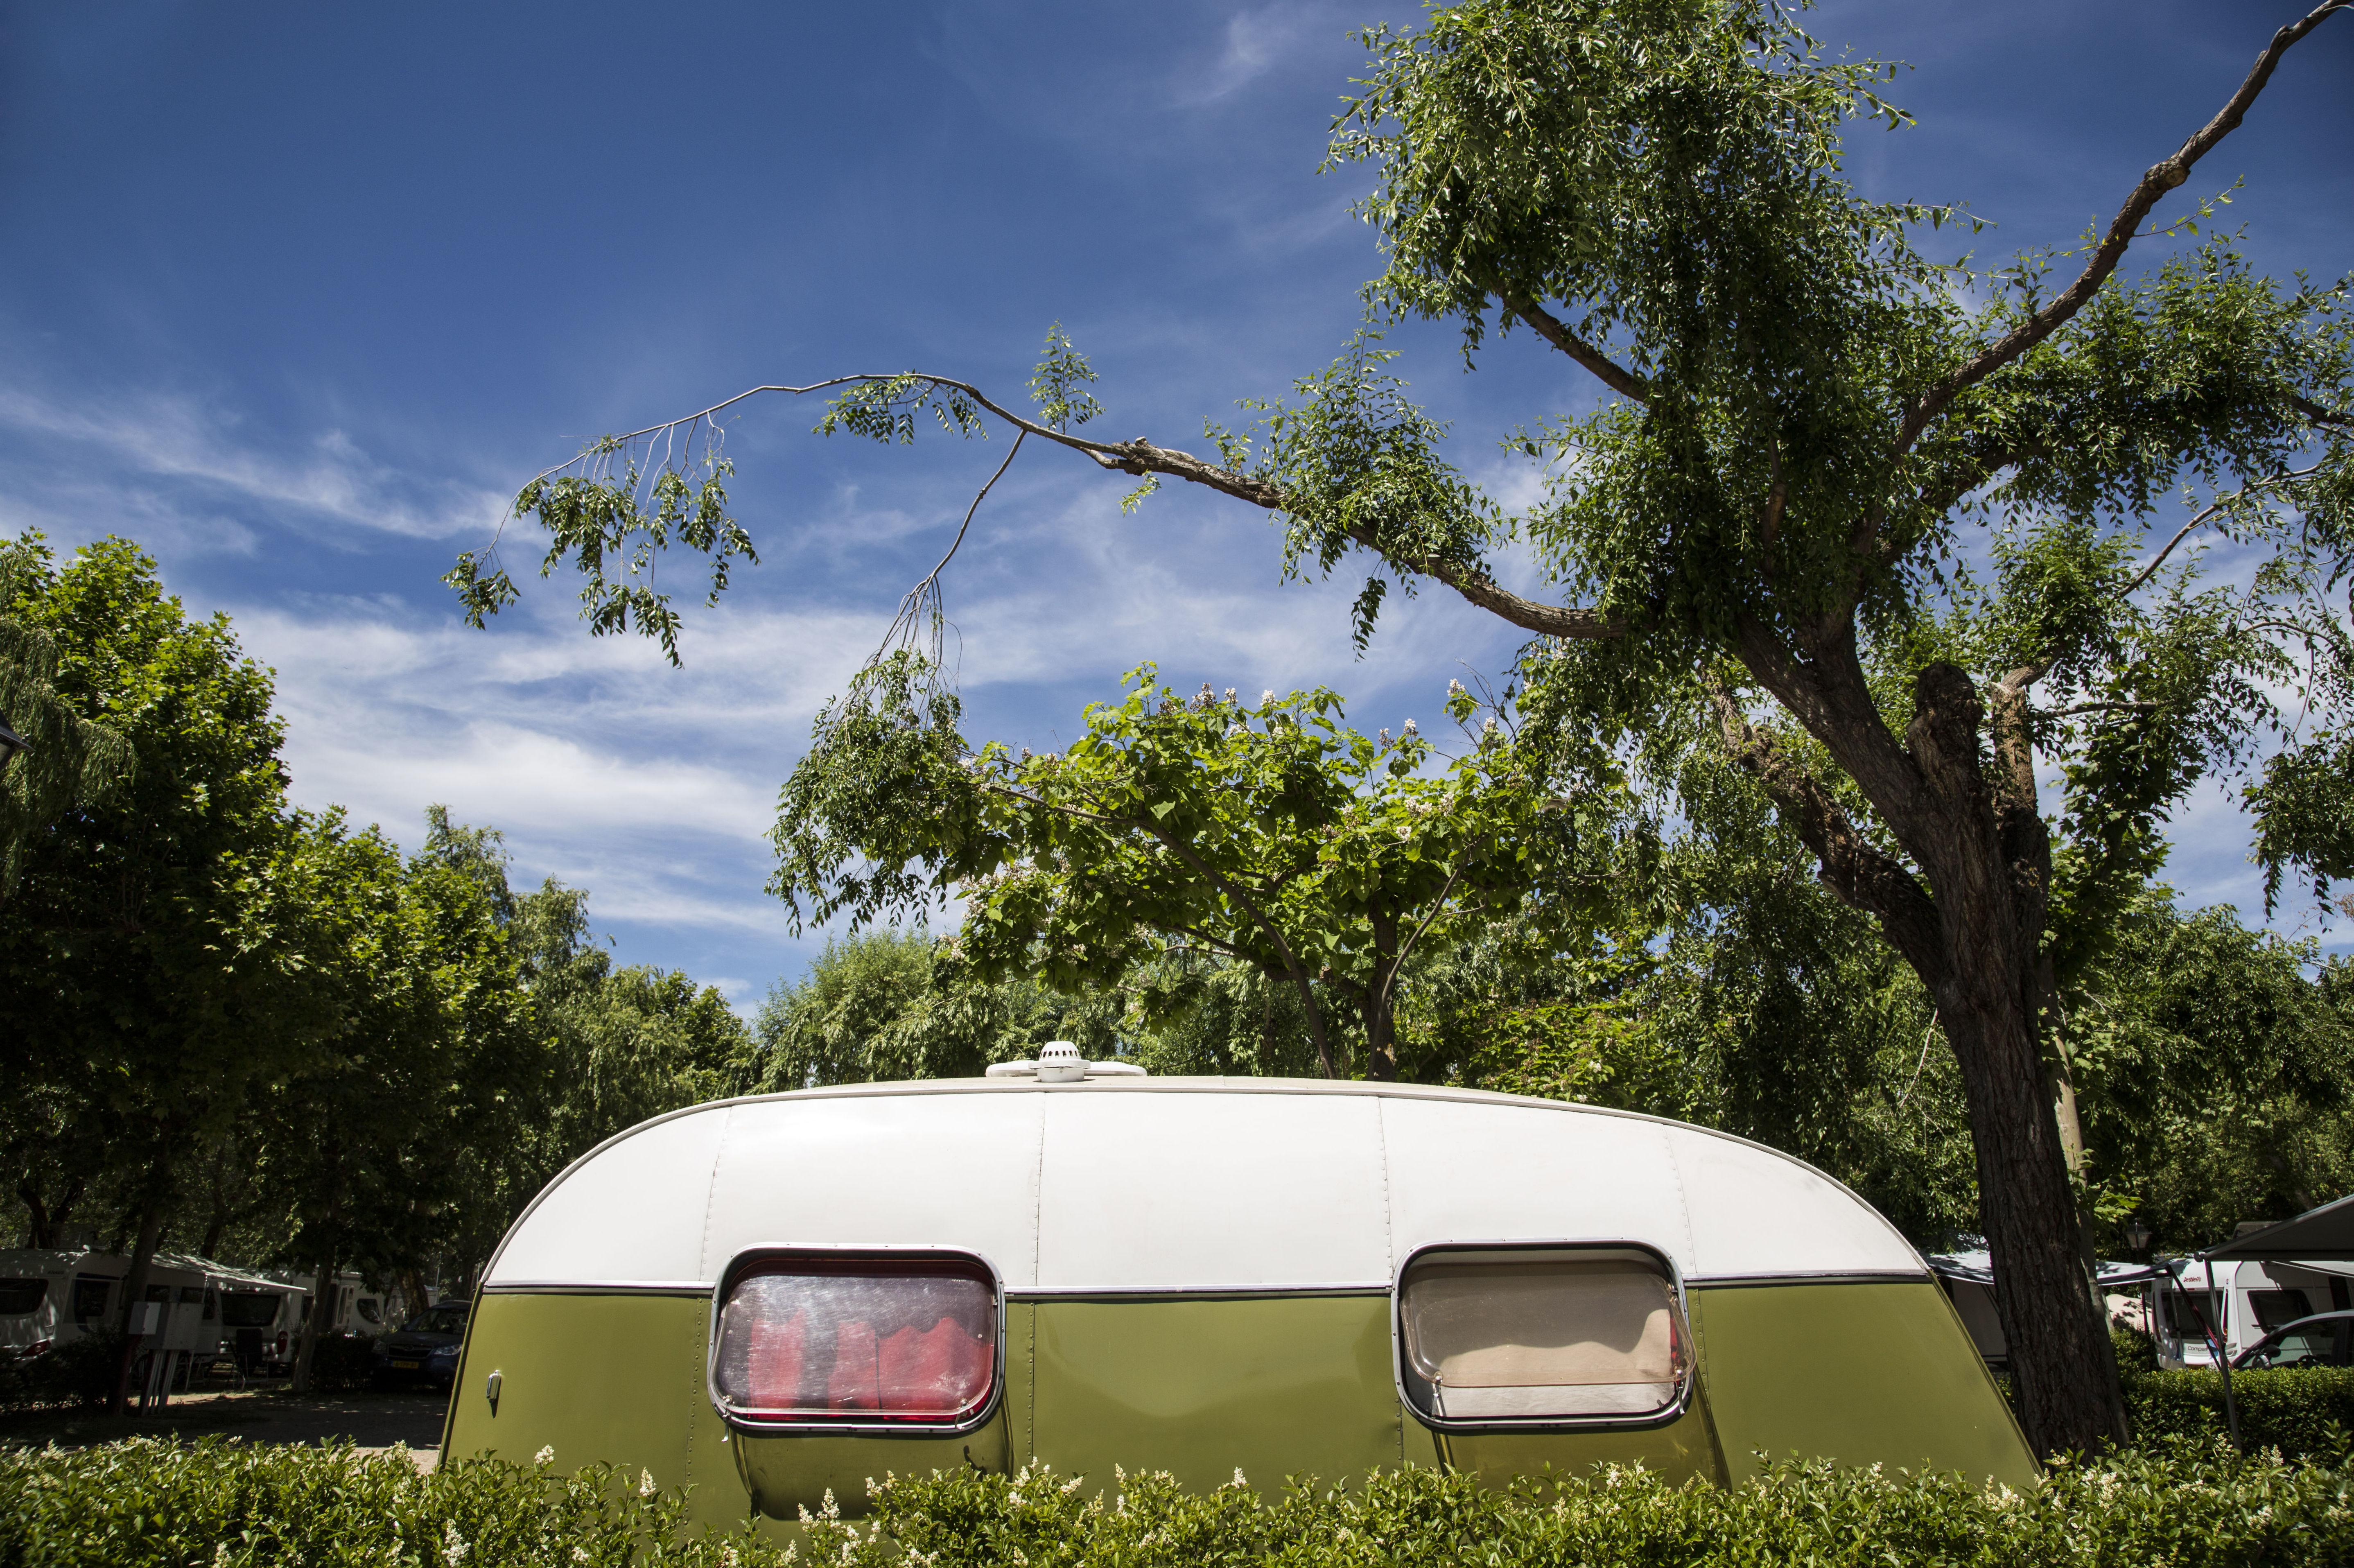 Foto 6 de Camping en Cabrerizos | Camping Don Quijote